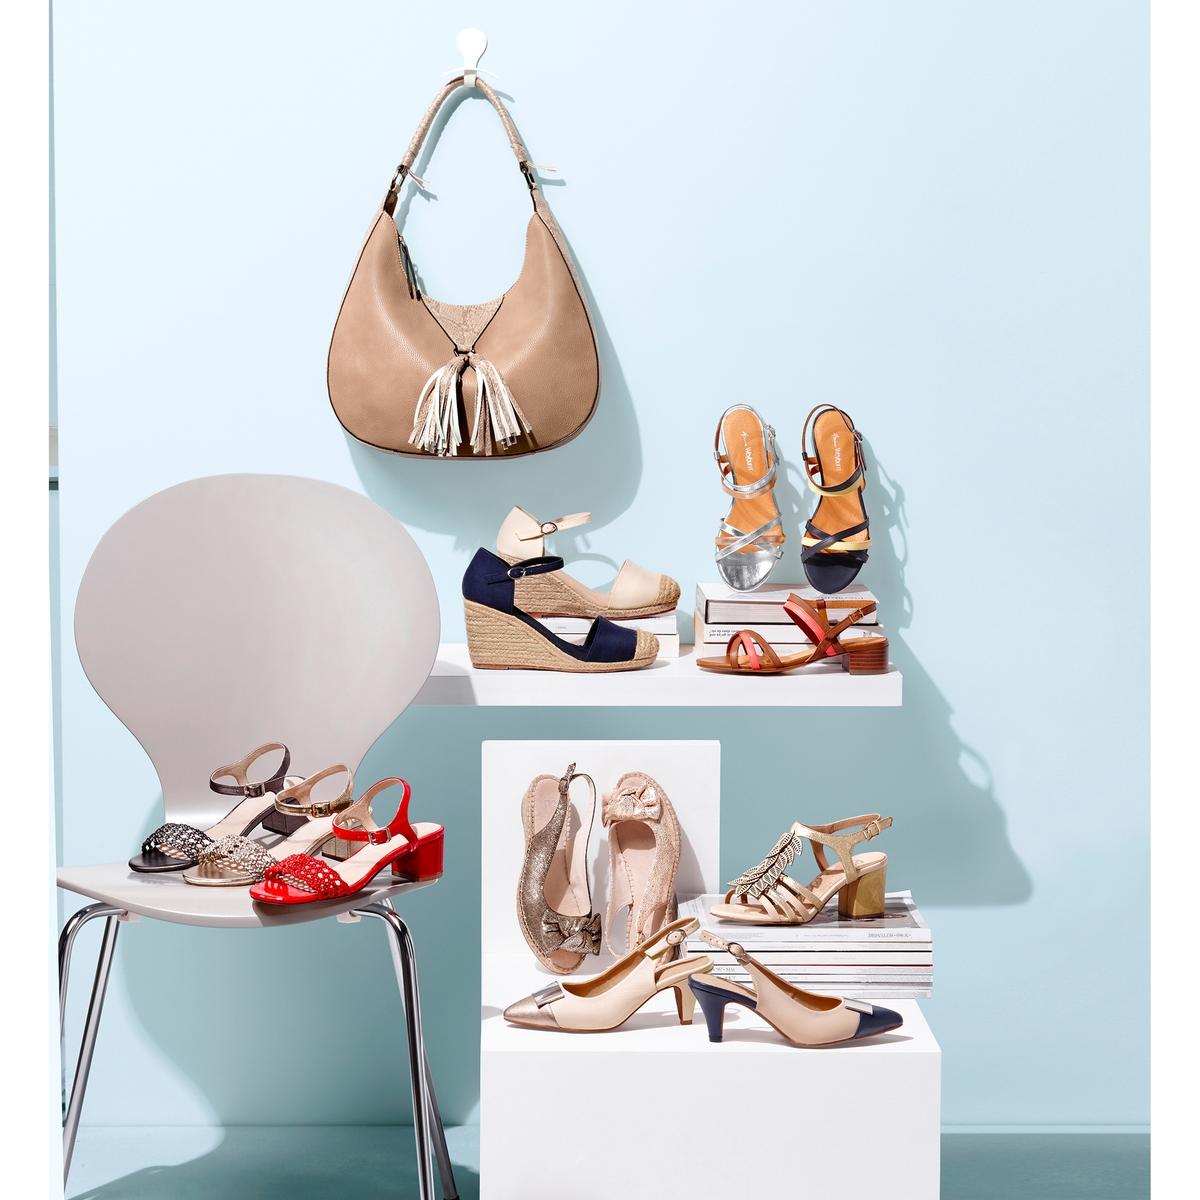 Imagen secundaria de producto de Zapatos de tacón de piel con correa en el tobillo - Anne weyburn